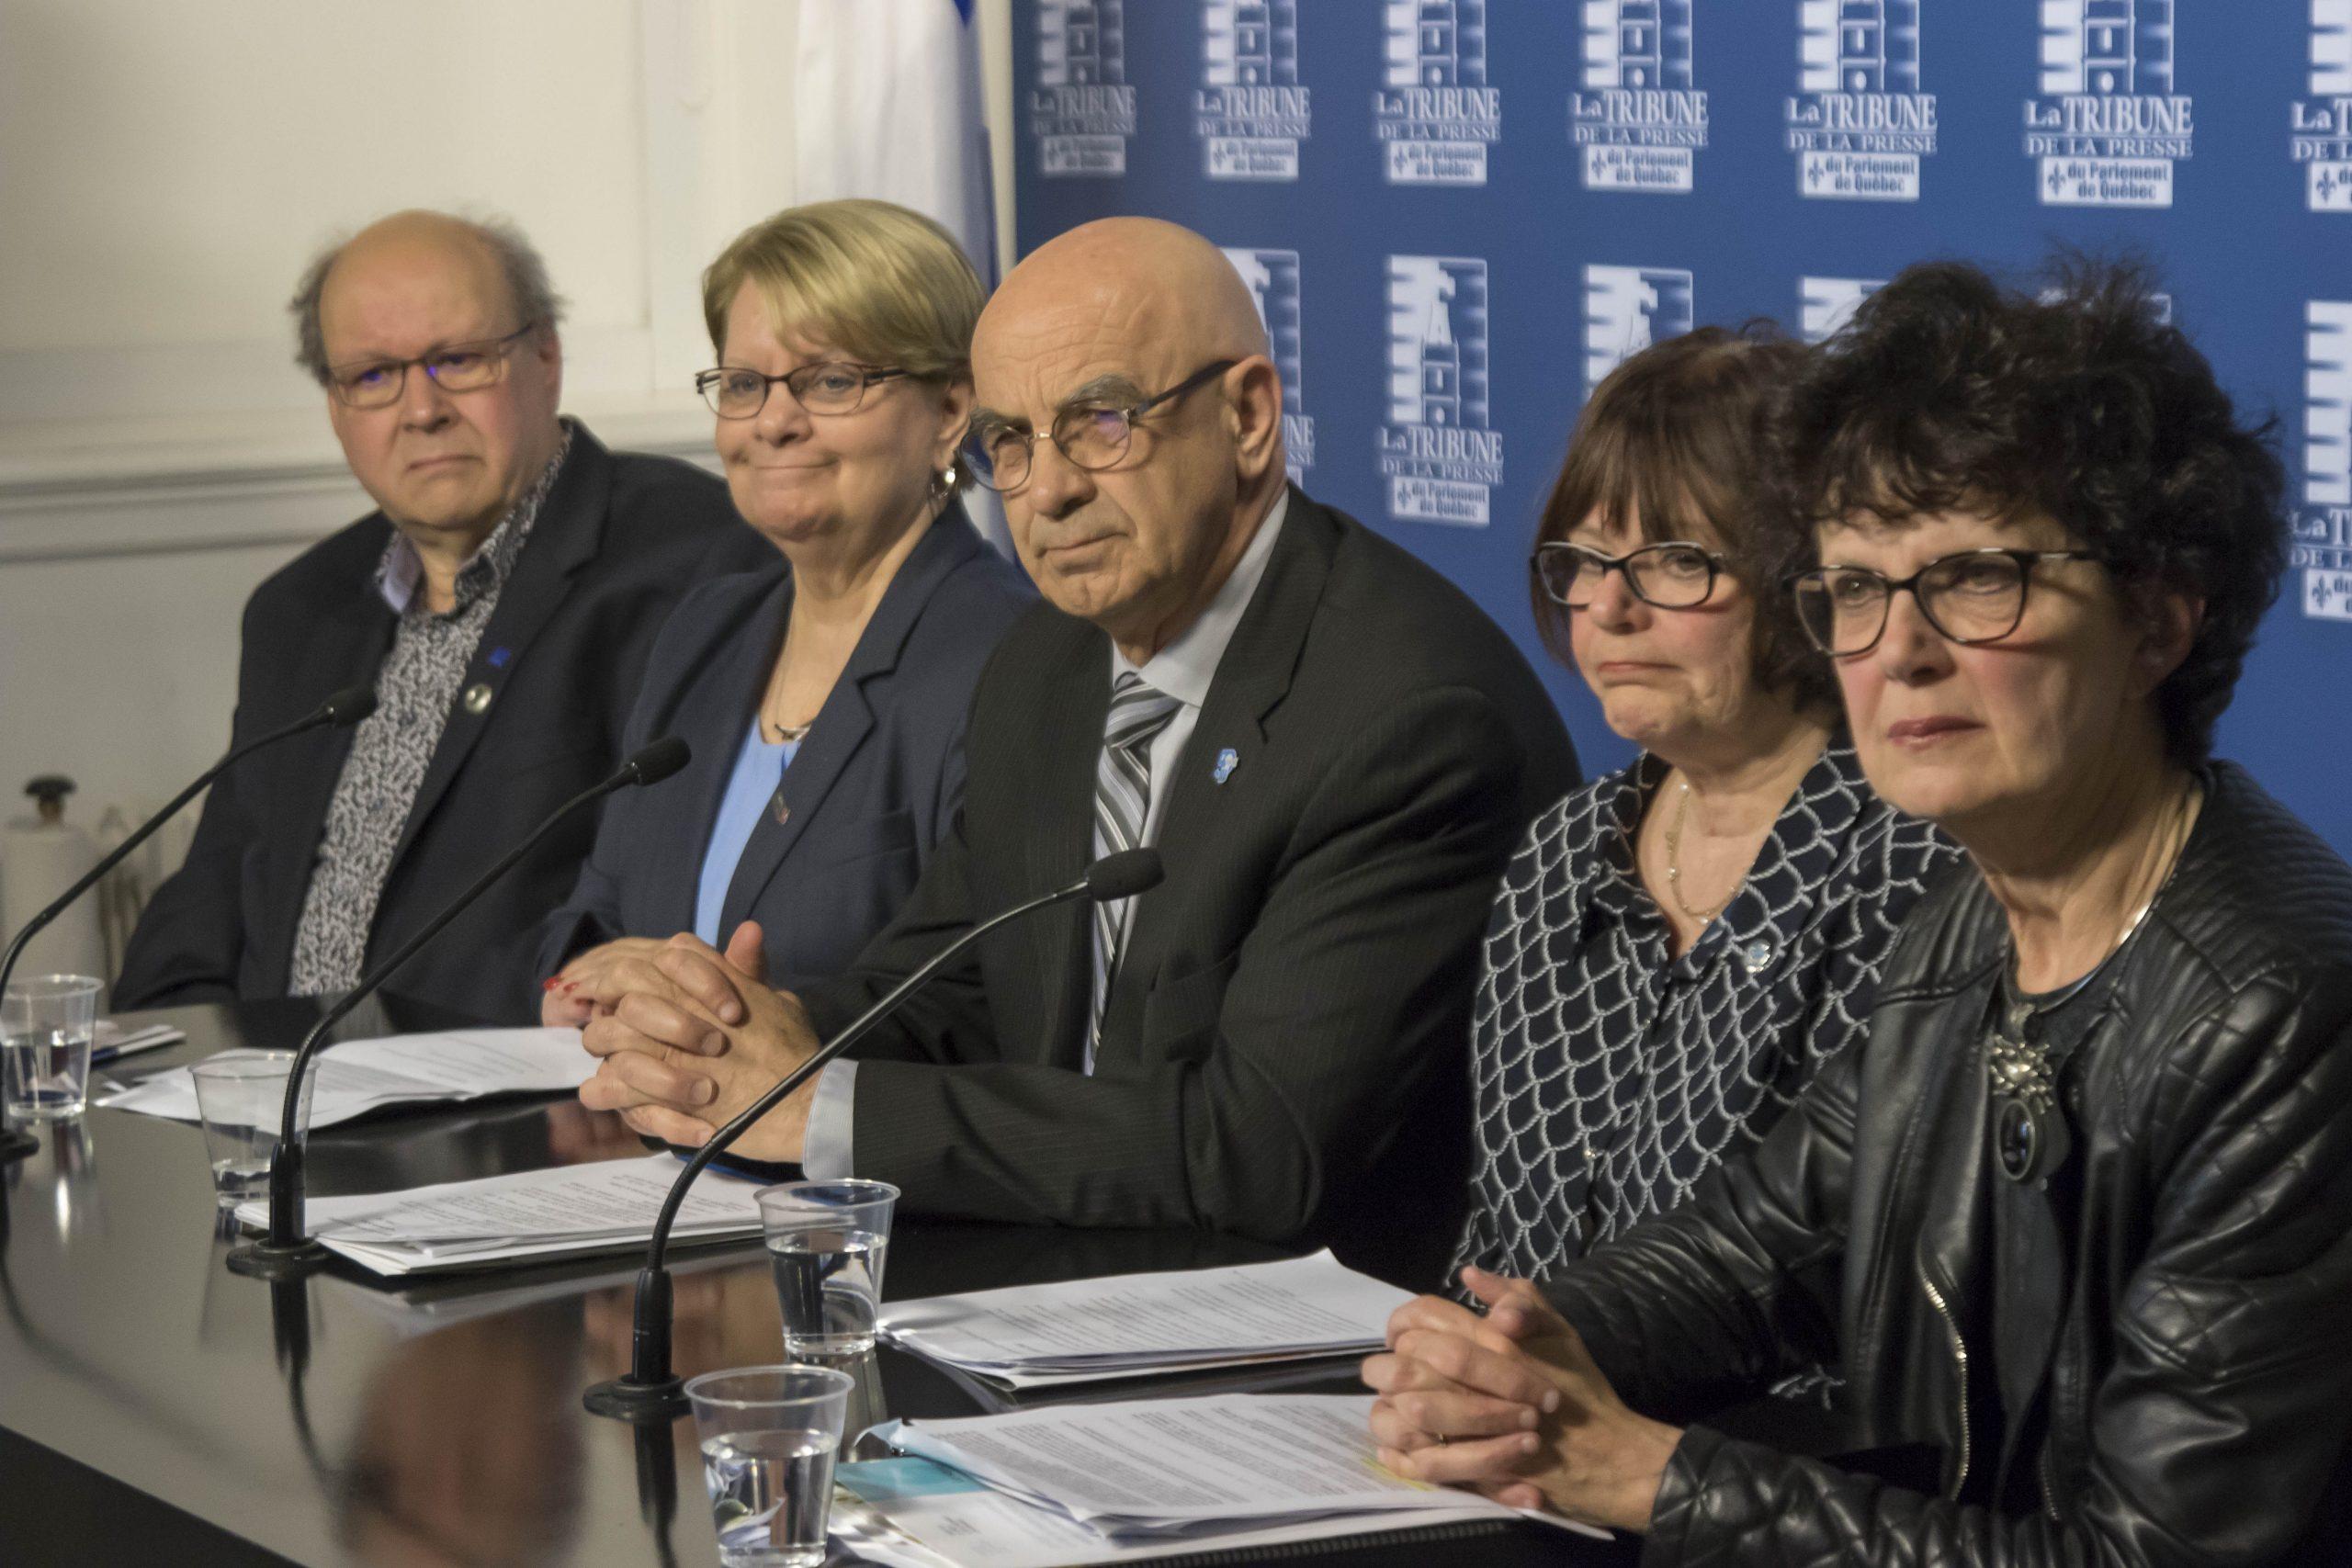 L'AREQ souligne le parcours de la présidente sortante de l'AQDR, Mme Judith Gagnon